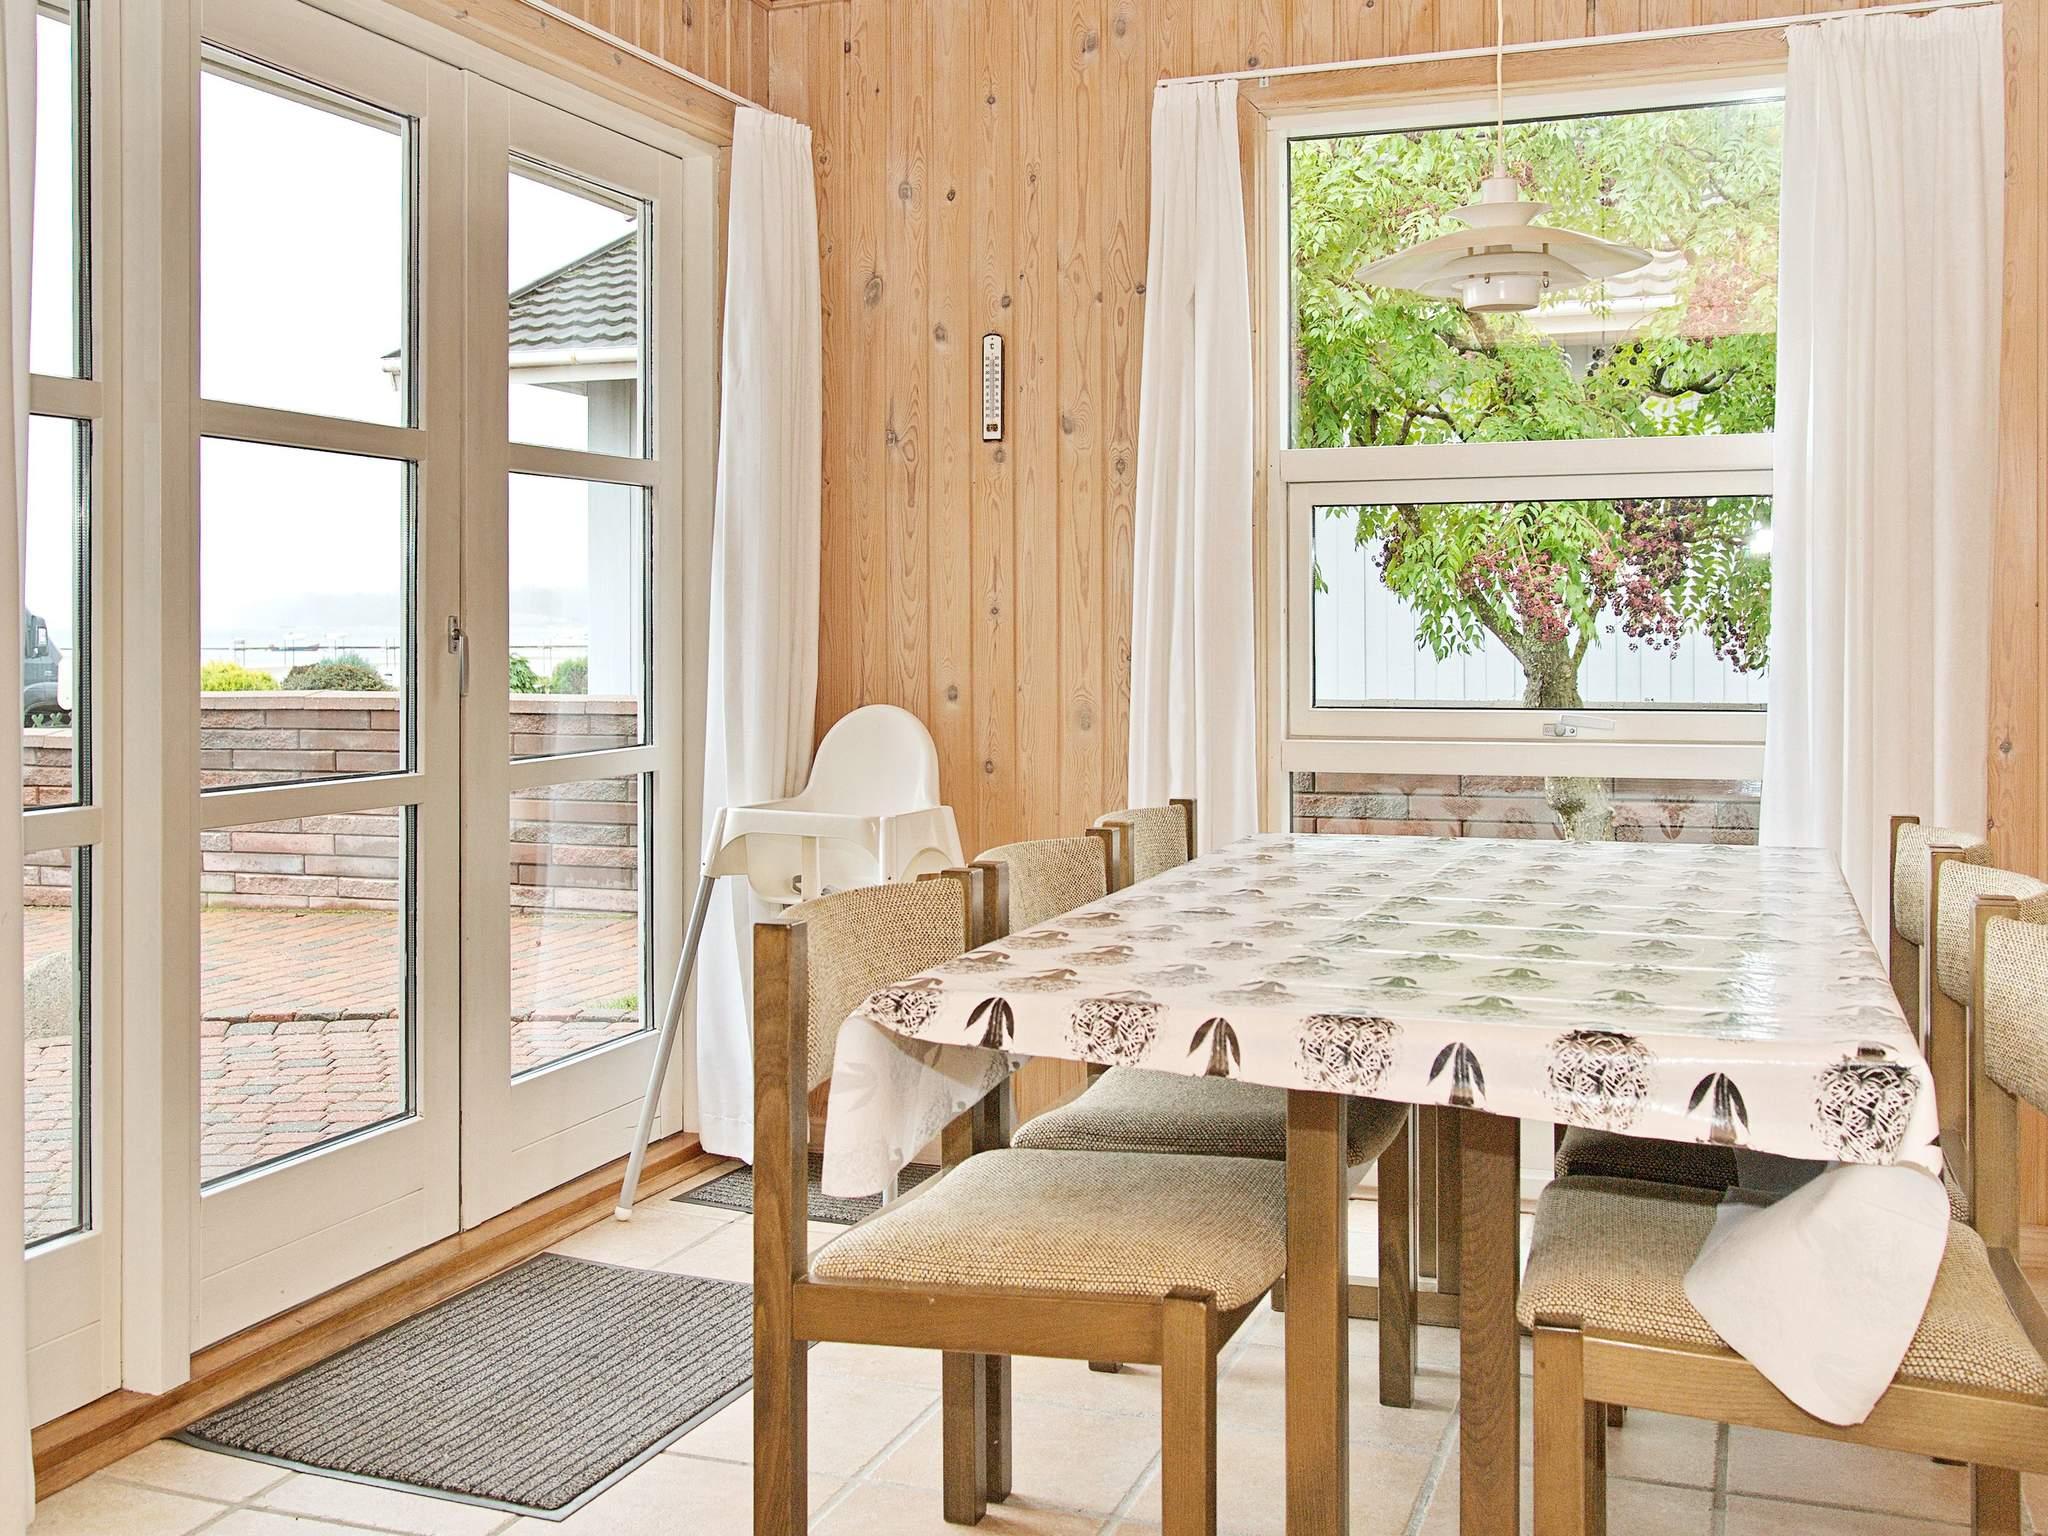 Ferienhaus Binderup Strand (82391), Binderup, , Südostjütland, Dänemark, Bild 4